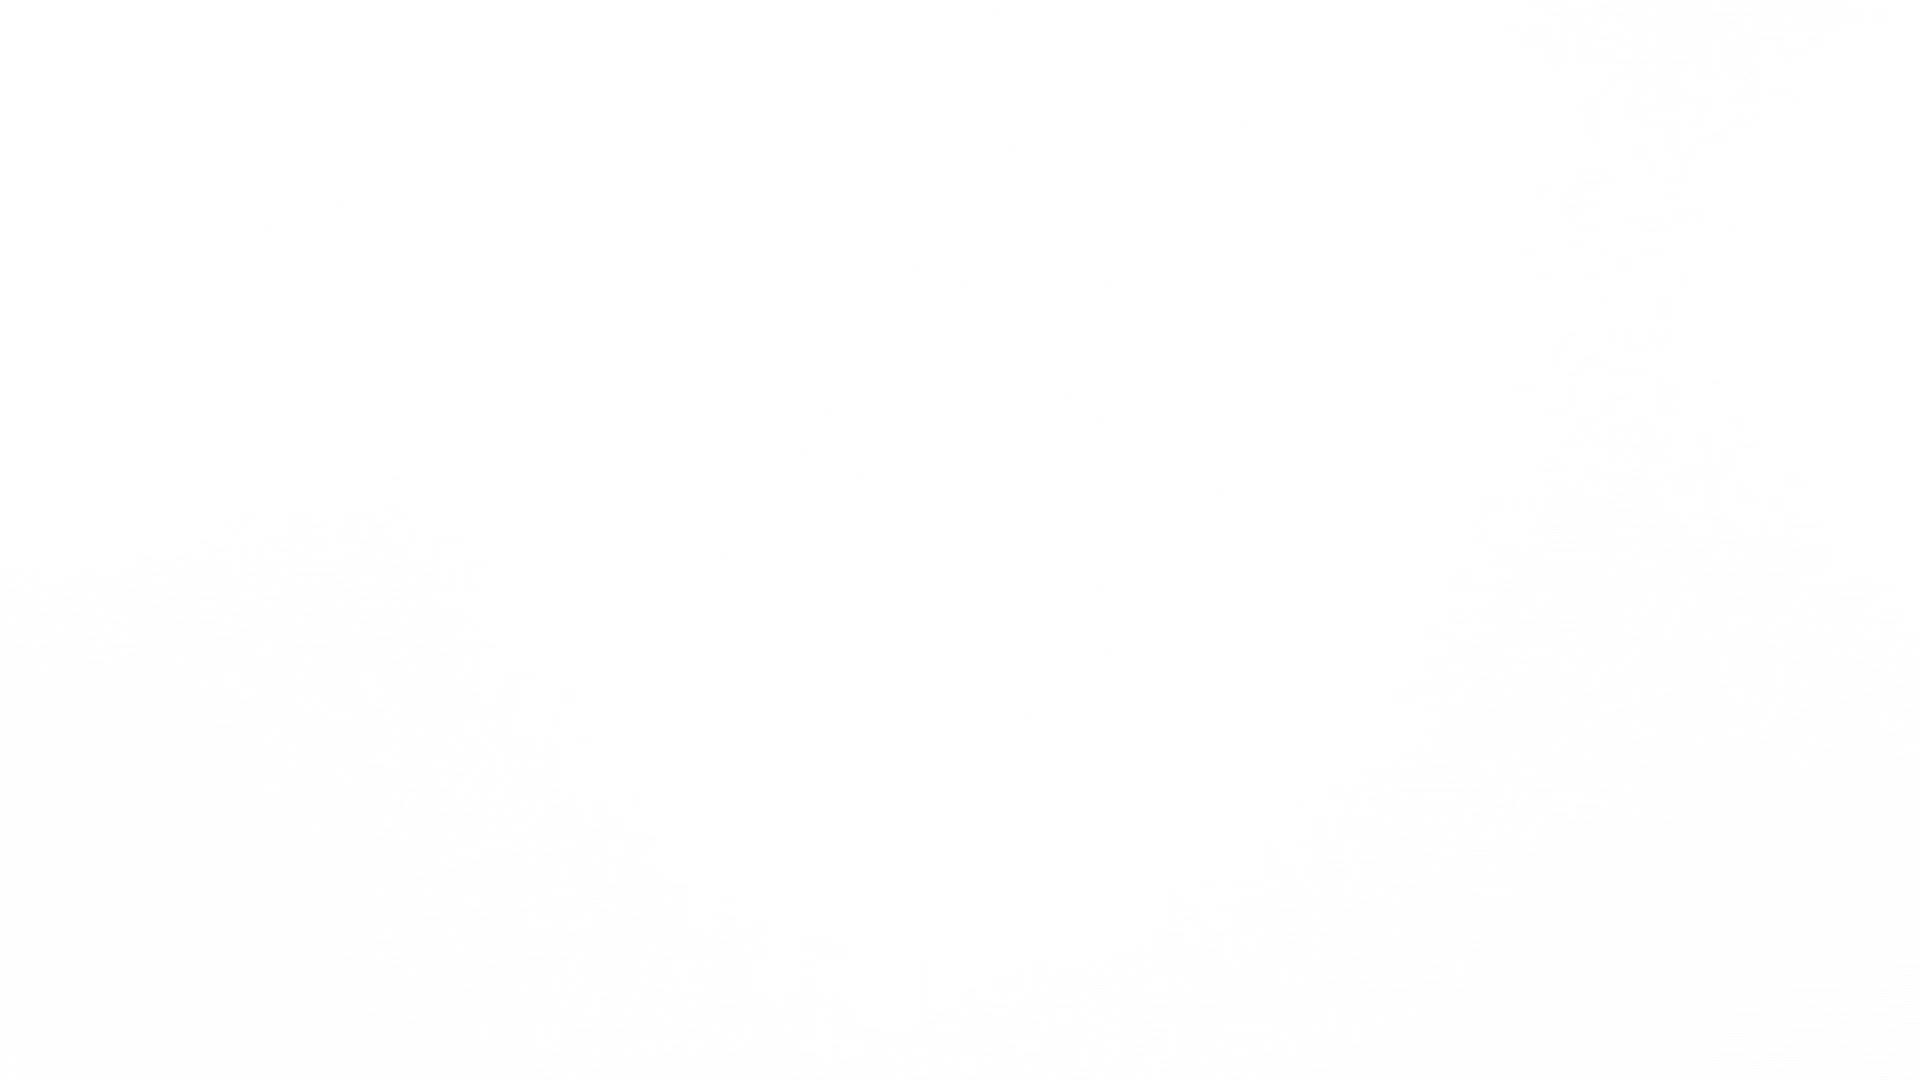 Bán Buôn Chất Lượng Cao Thời Trang OEM Logo Liền Mạch 360 Thăng Hoa Ảnh Tùy Chỉnh In Vớ Cho Nam Giới